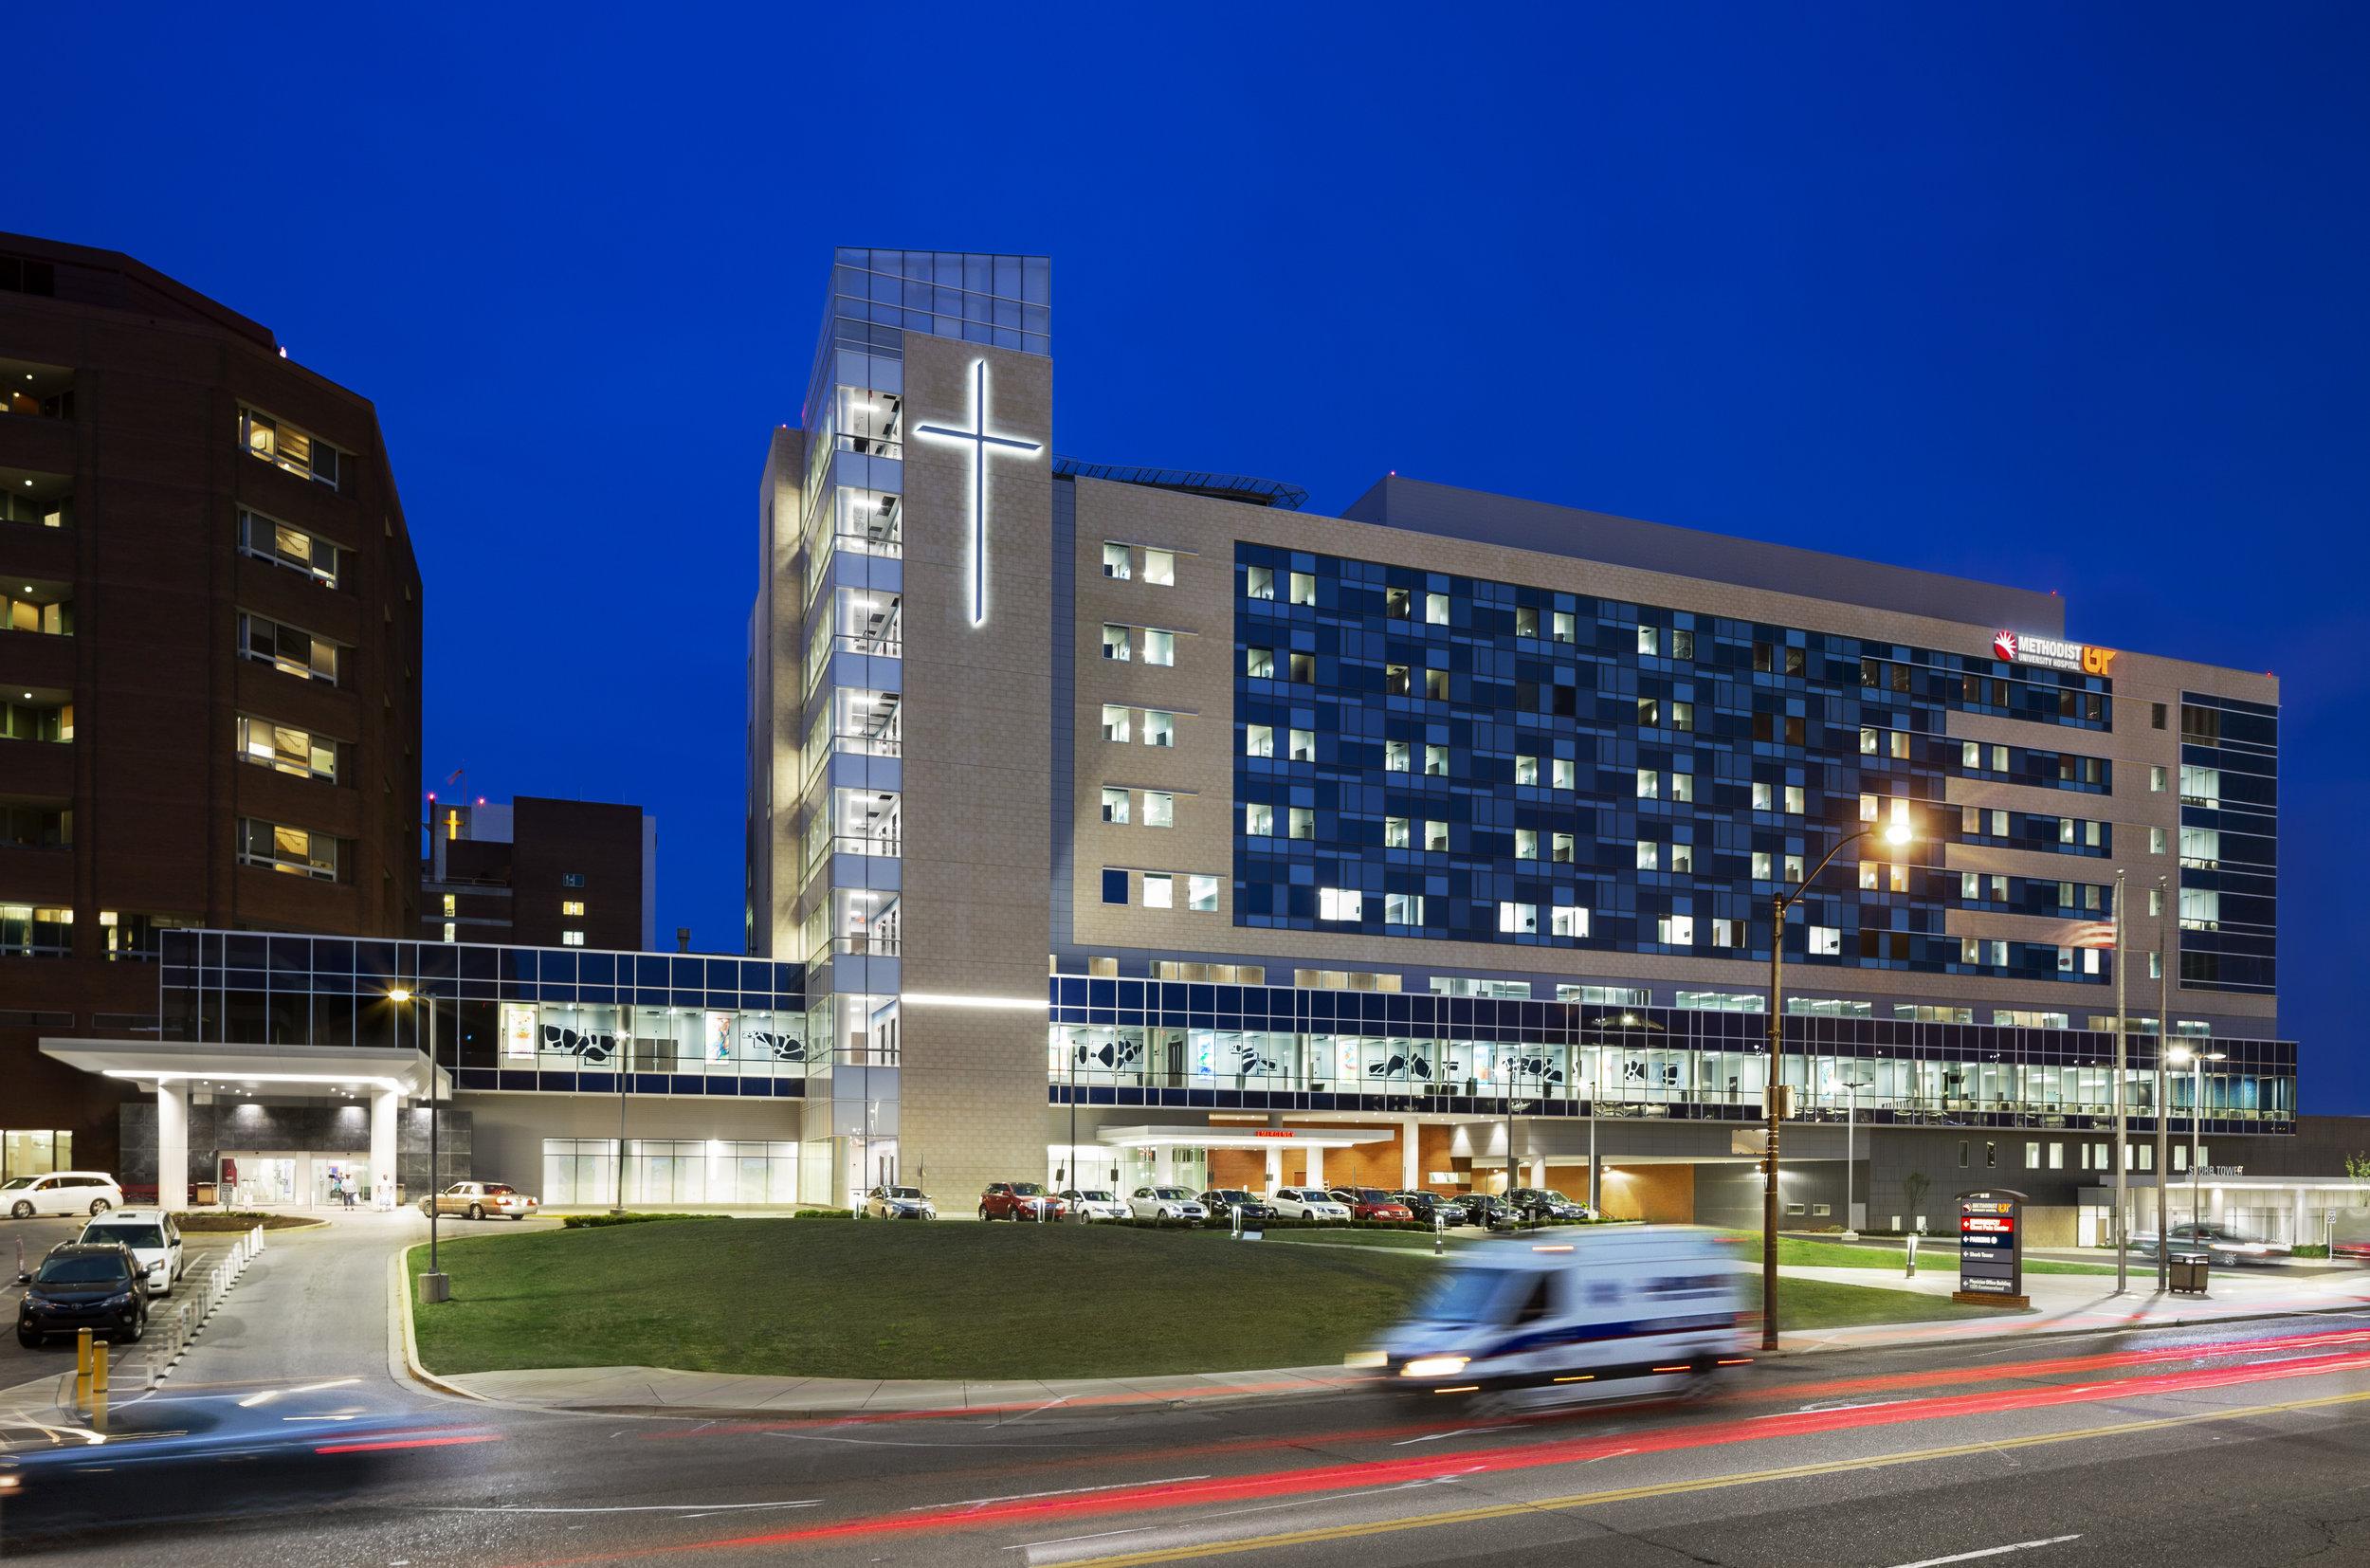 MethodistUniversityHospital_04.11.19__903_twilight_01_cars1.jpg